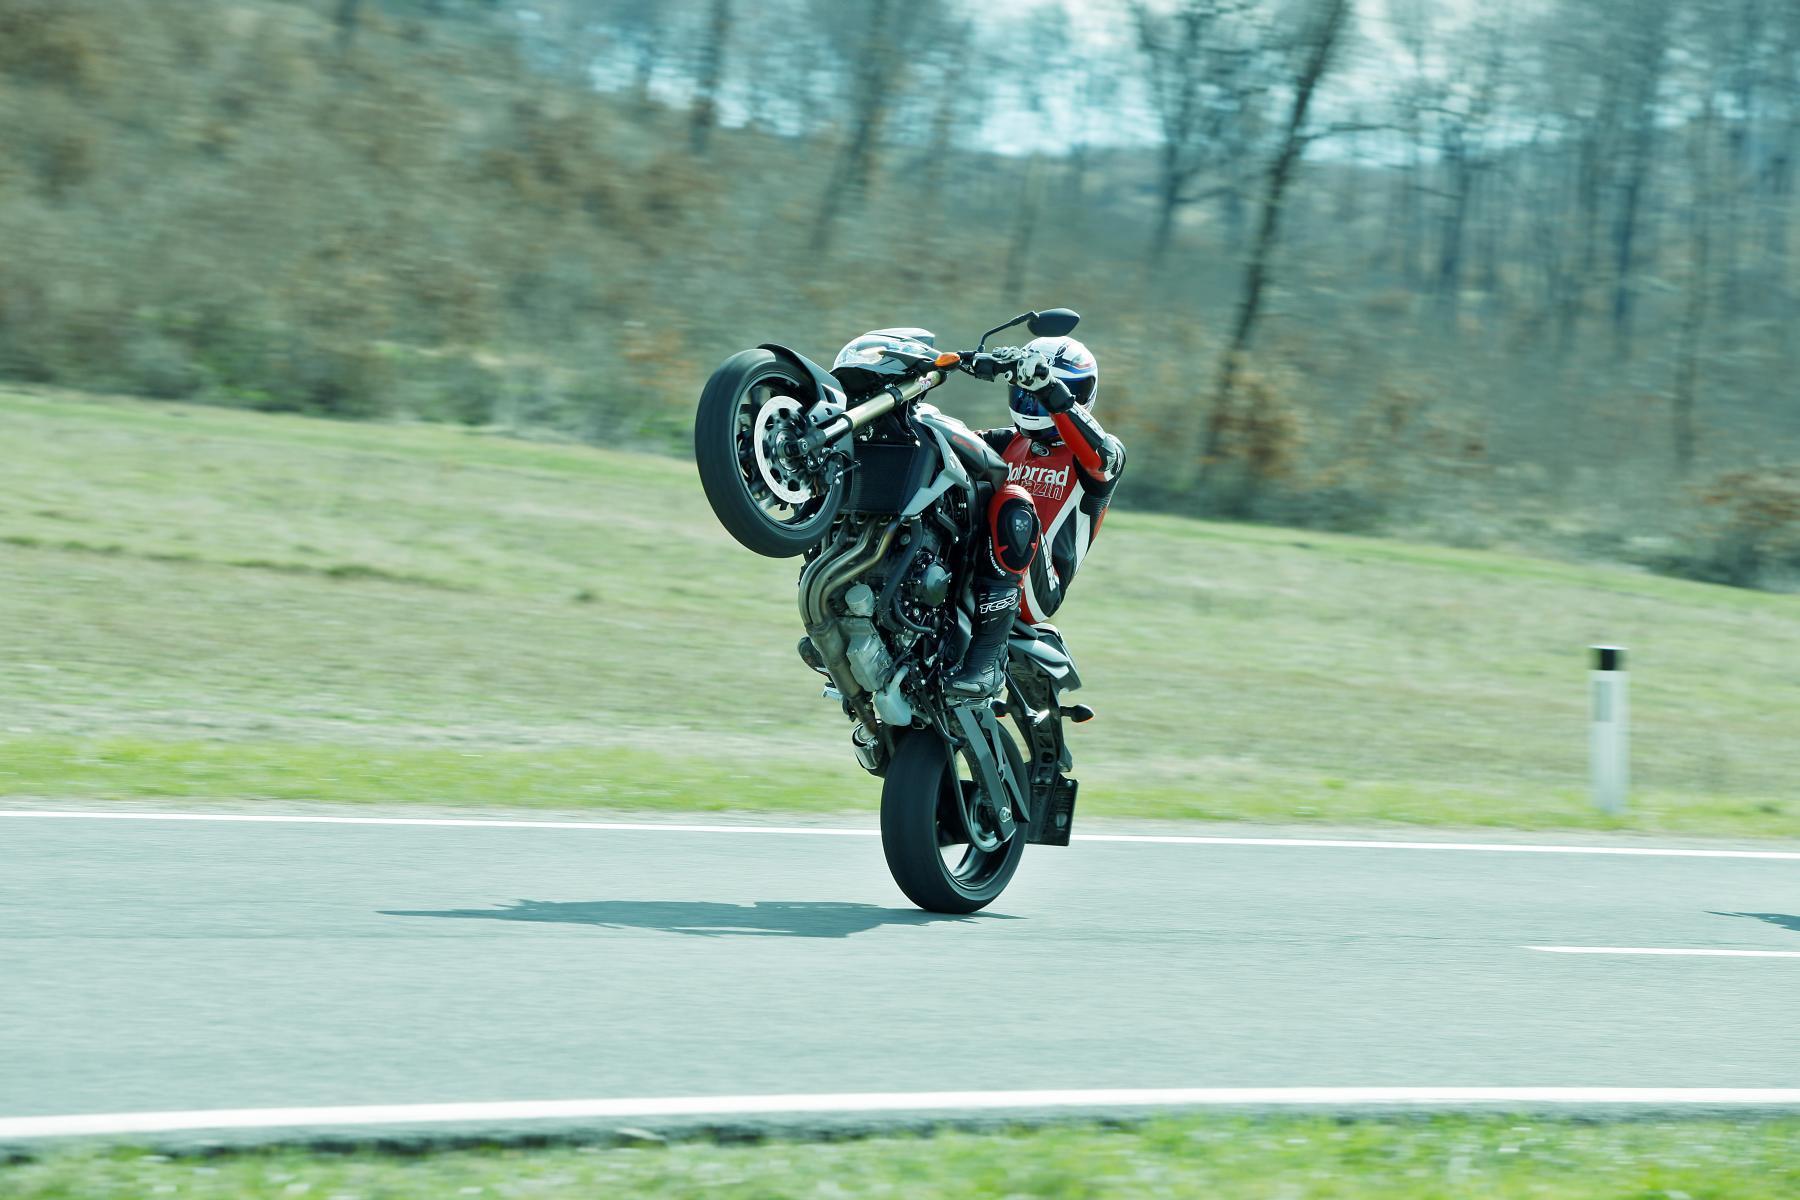 http://www.motorrad-bilder.at/slideshows/291/009681/brutale800-gsr750-2013-31.jpg